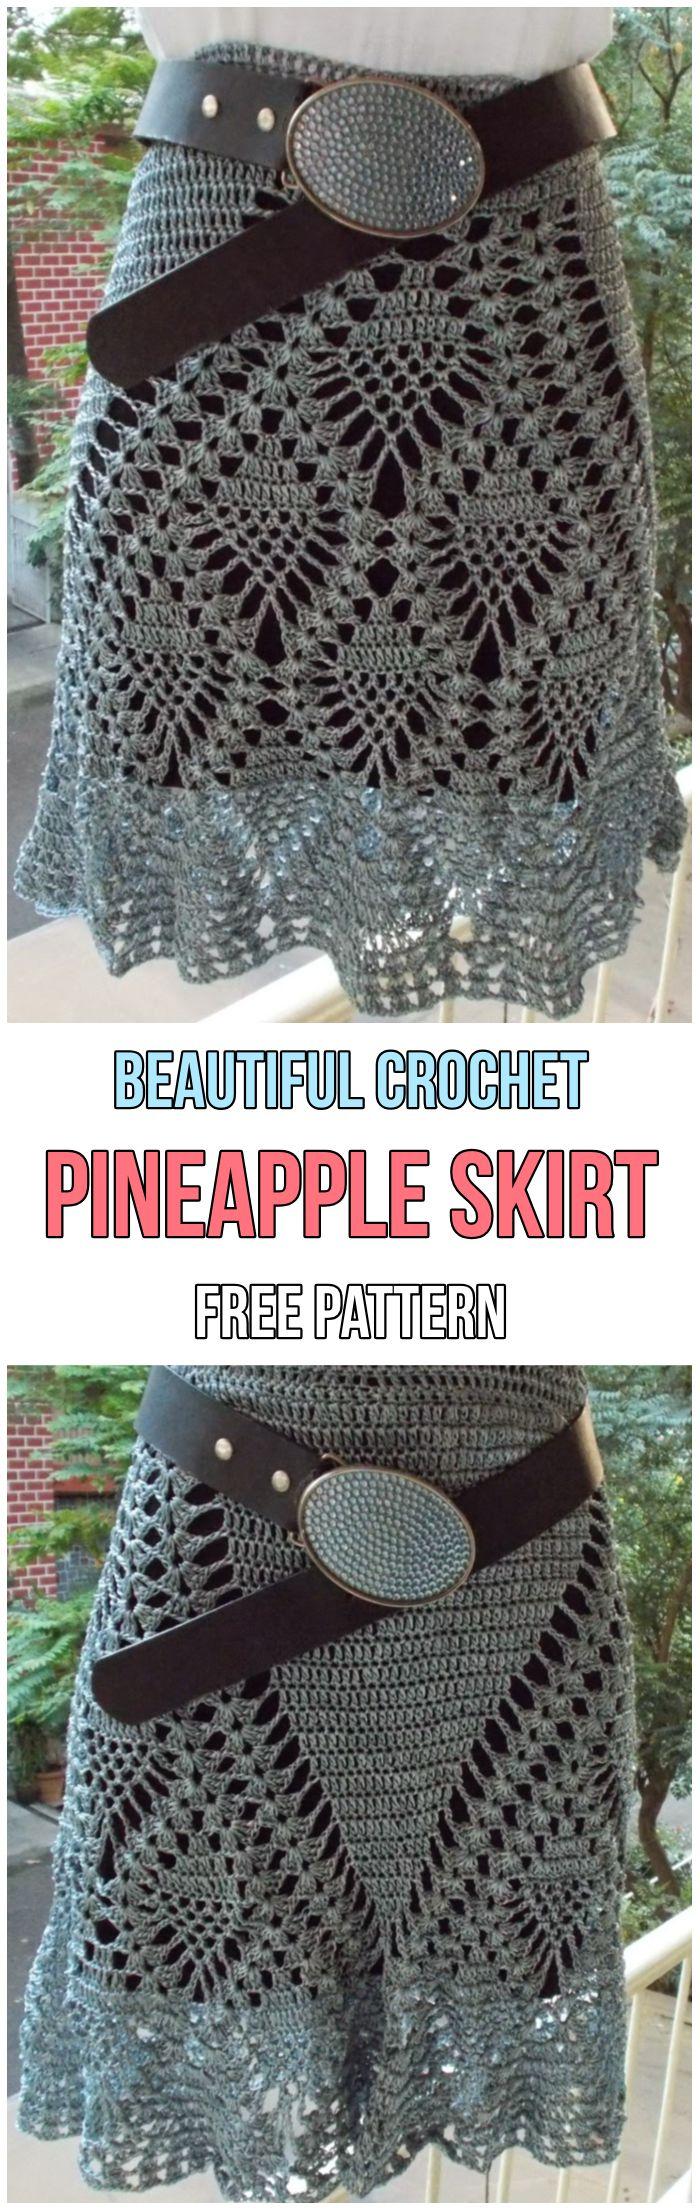 5 Exciting Summer Crochet Skirts Free Patterns | Häkeln, Häkelmuster ...